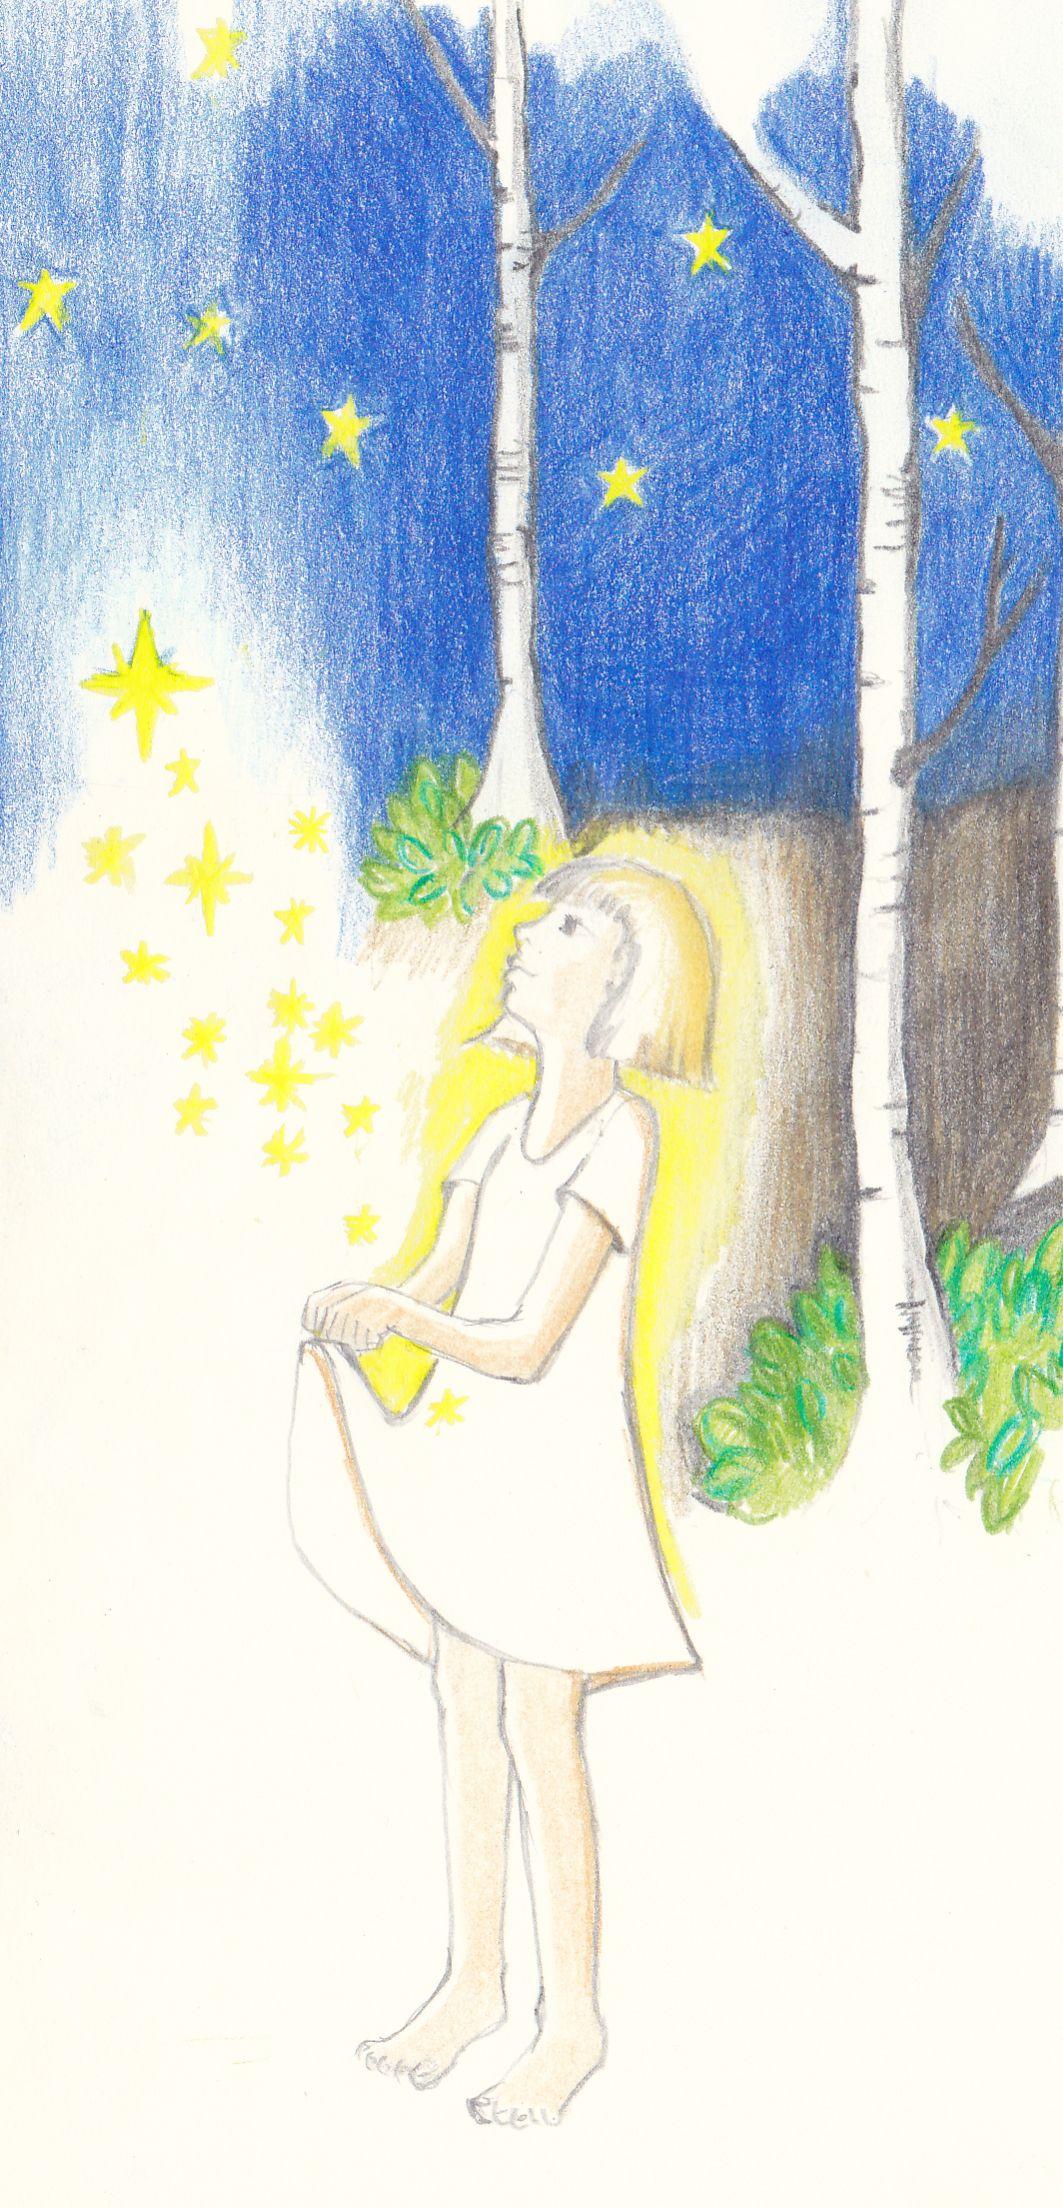 Die Zeichnung zu den Sterntalerarbeiten - 2 Tage colorieren mit Buntstiften - immer abends.